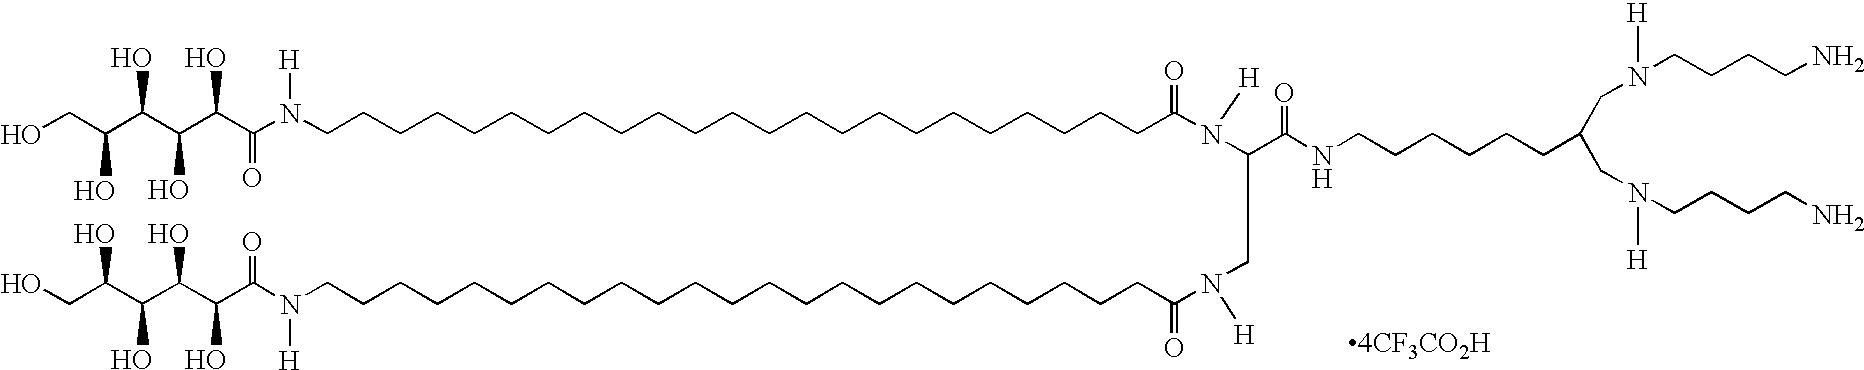 Figure US06583301-20030624-C00063